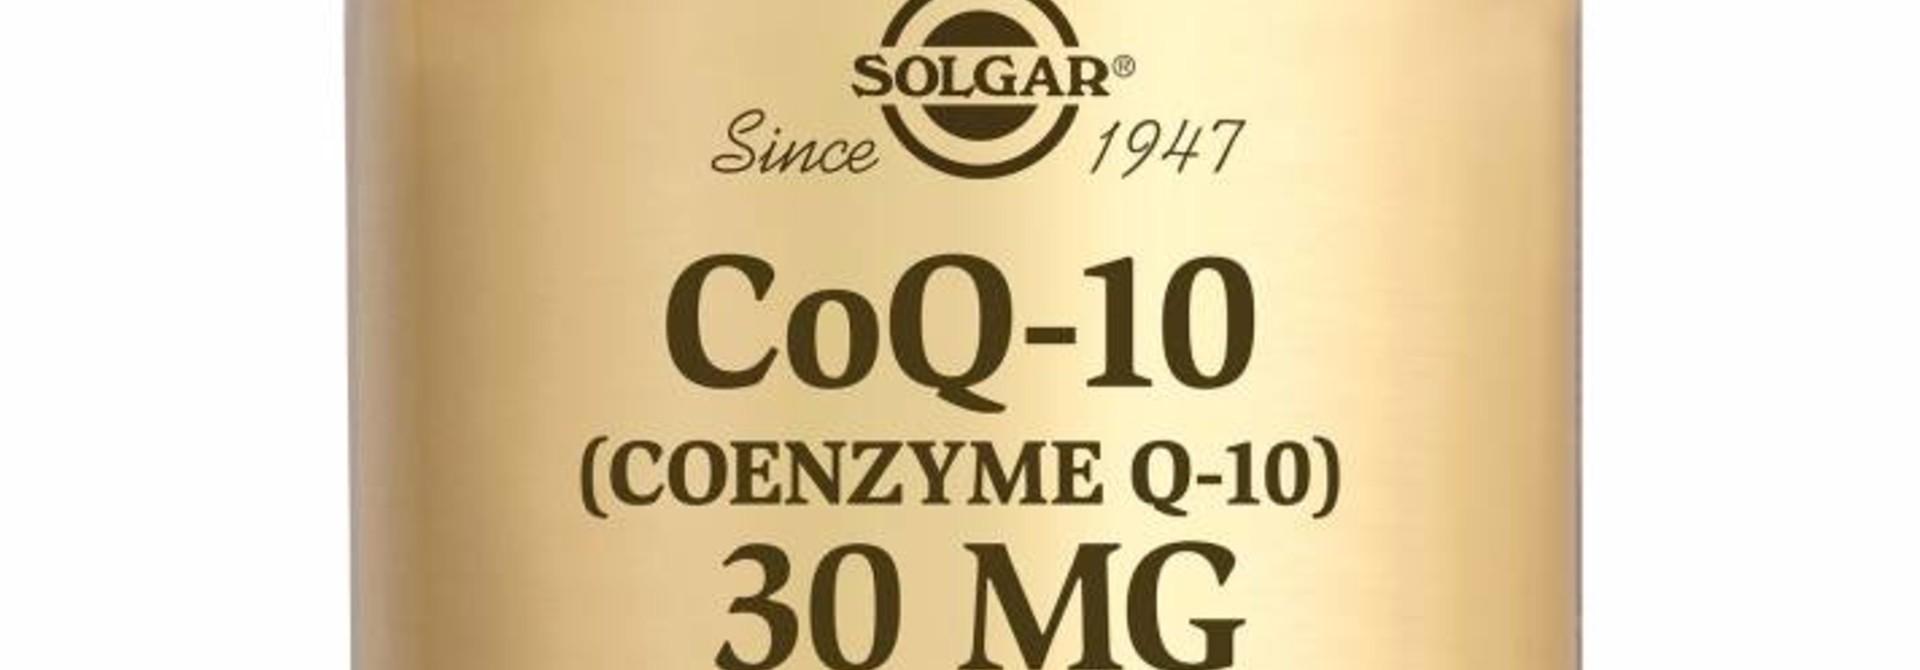 Co-Enzyme Q-10 30 mg 30 plantaardige capsules